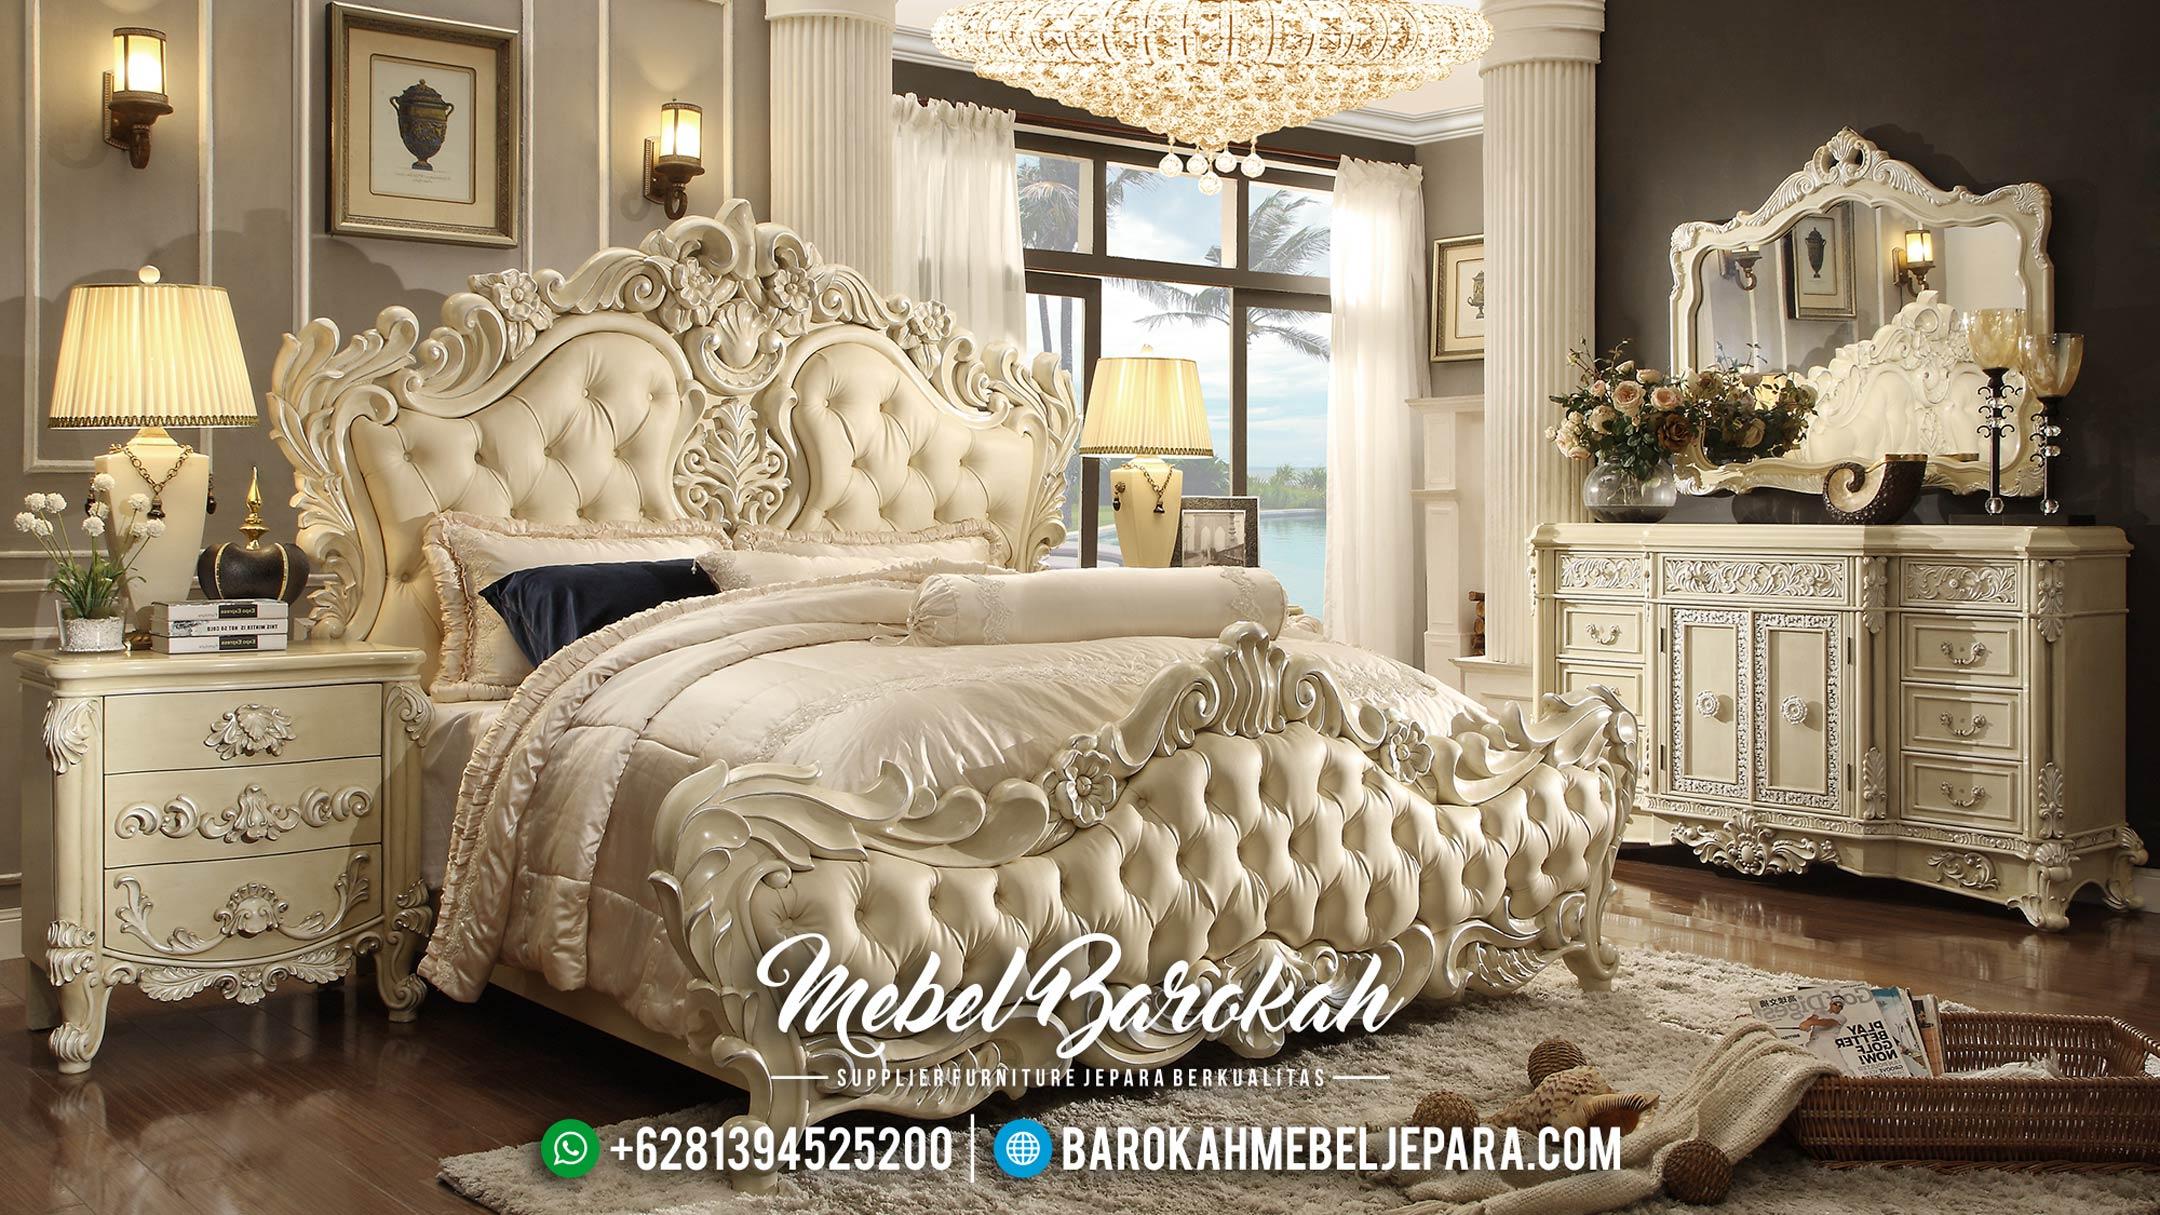 Set Kamar Tidur Jepara, Kamar Set Mewah Terbaru, Tempat Tidur Minimalis MB-0024